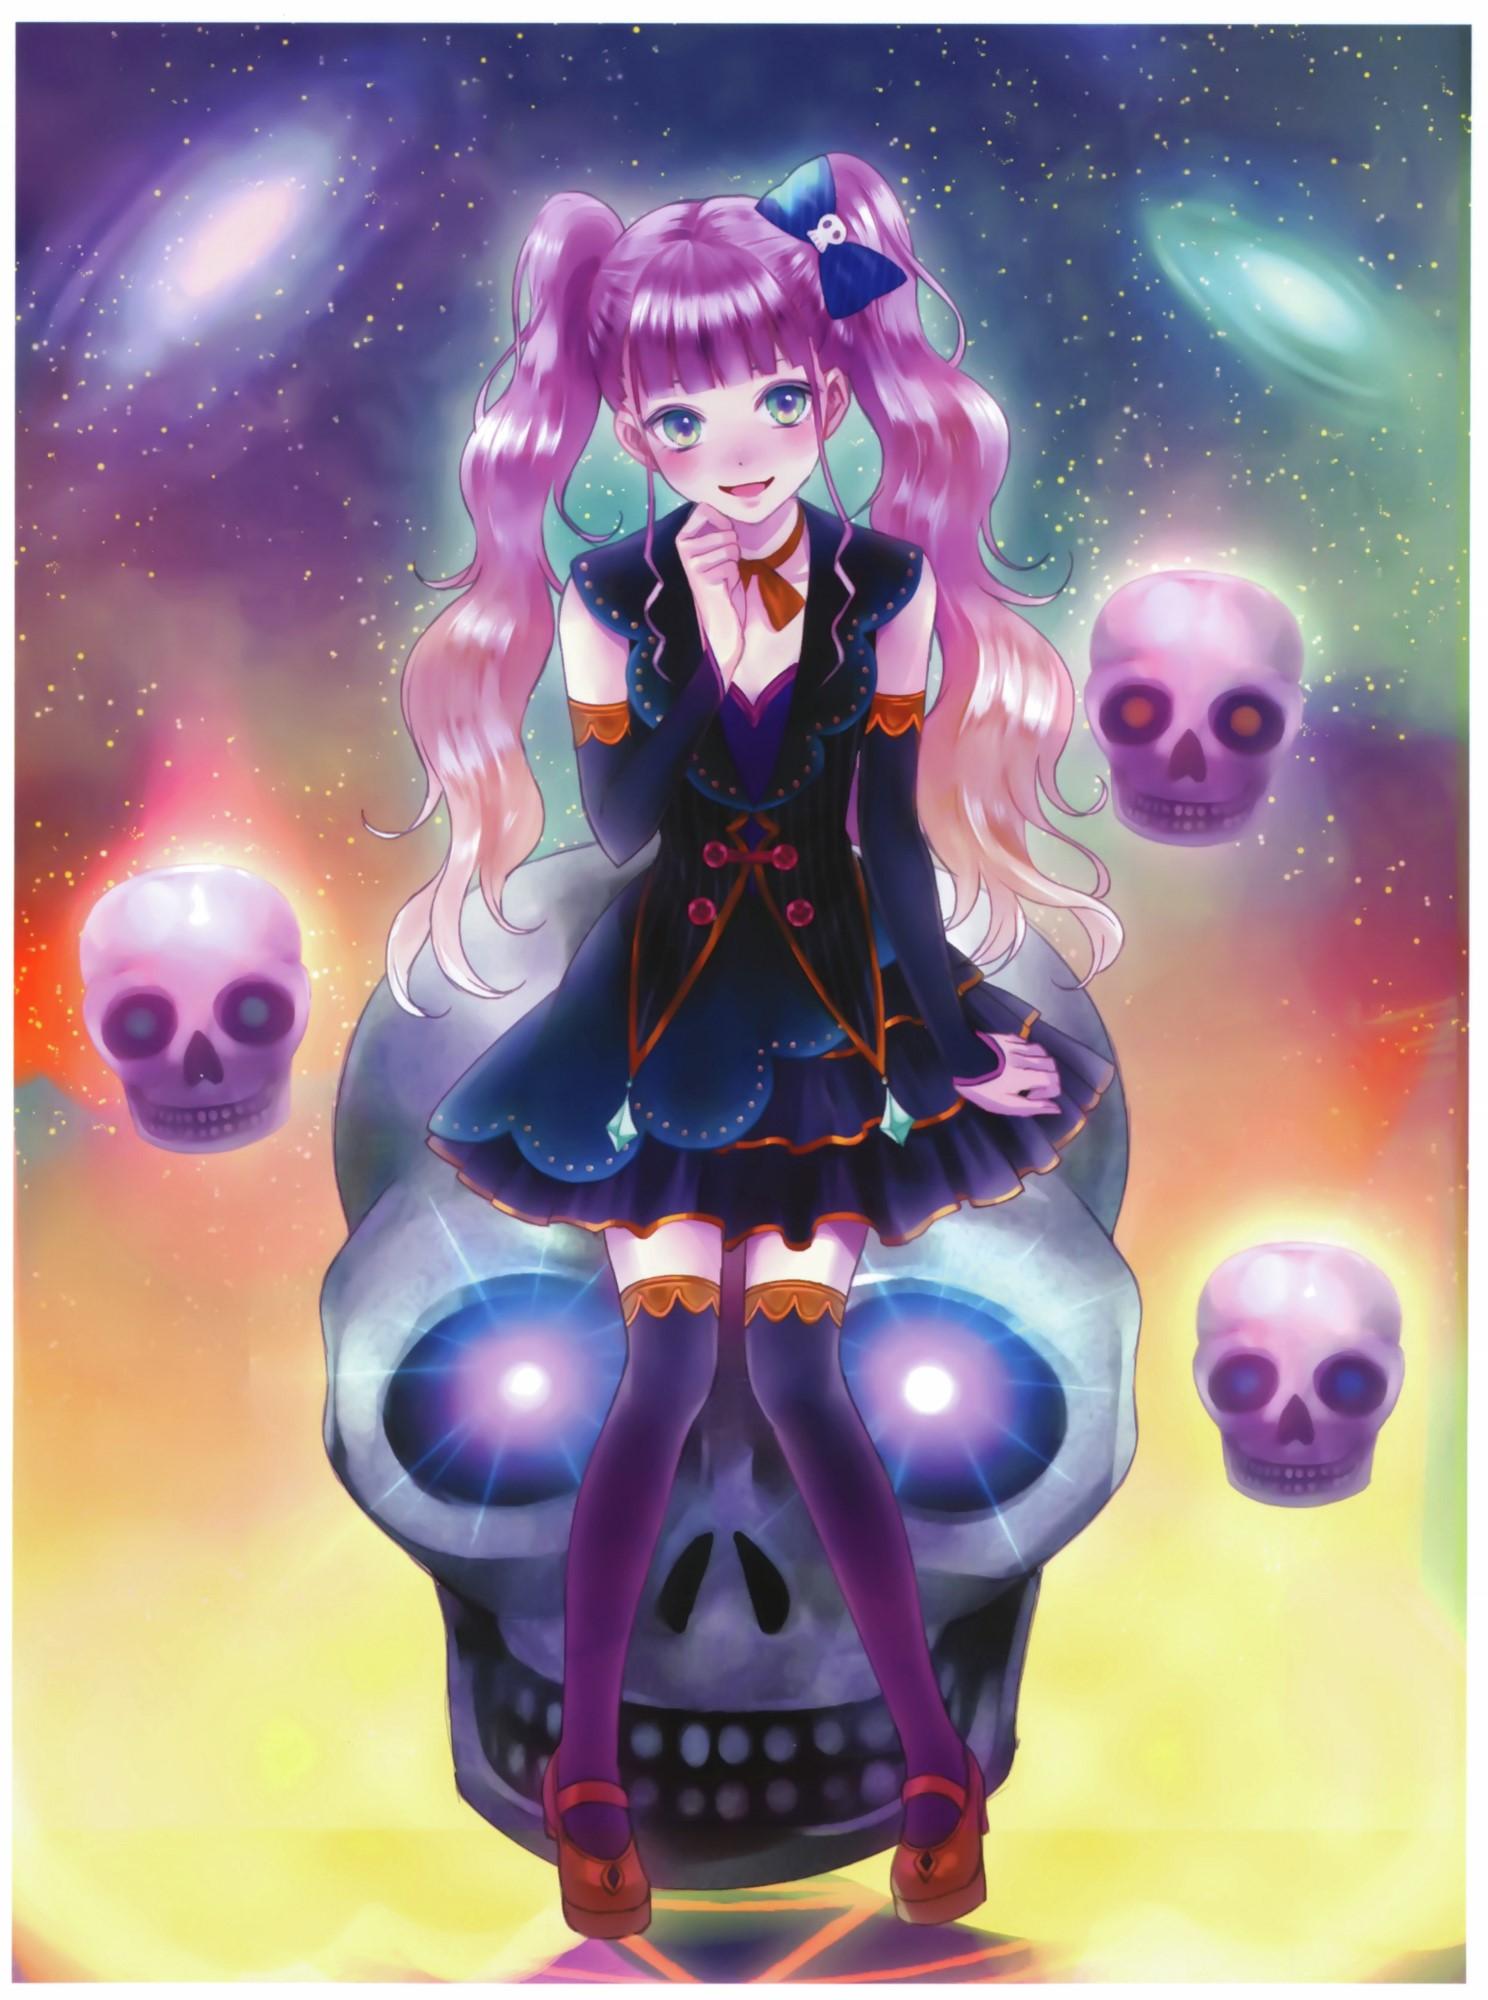 Kaku-San-Sei Million Arthur Art Book VOL.2 image by Square Enix